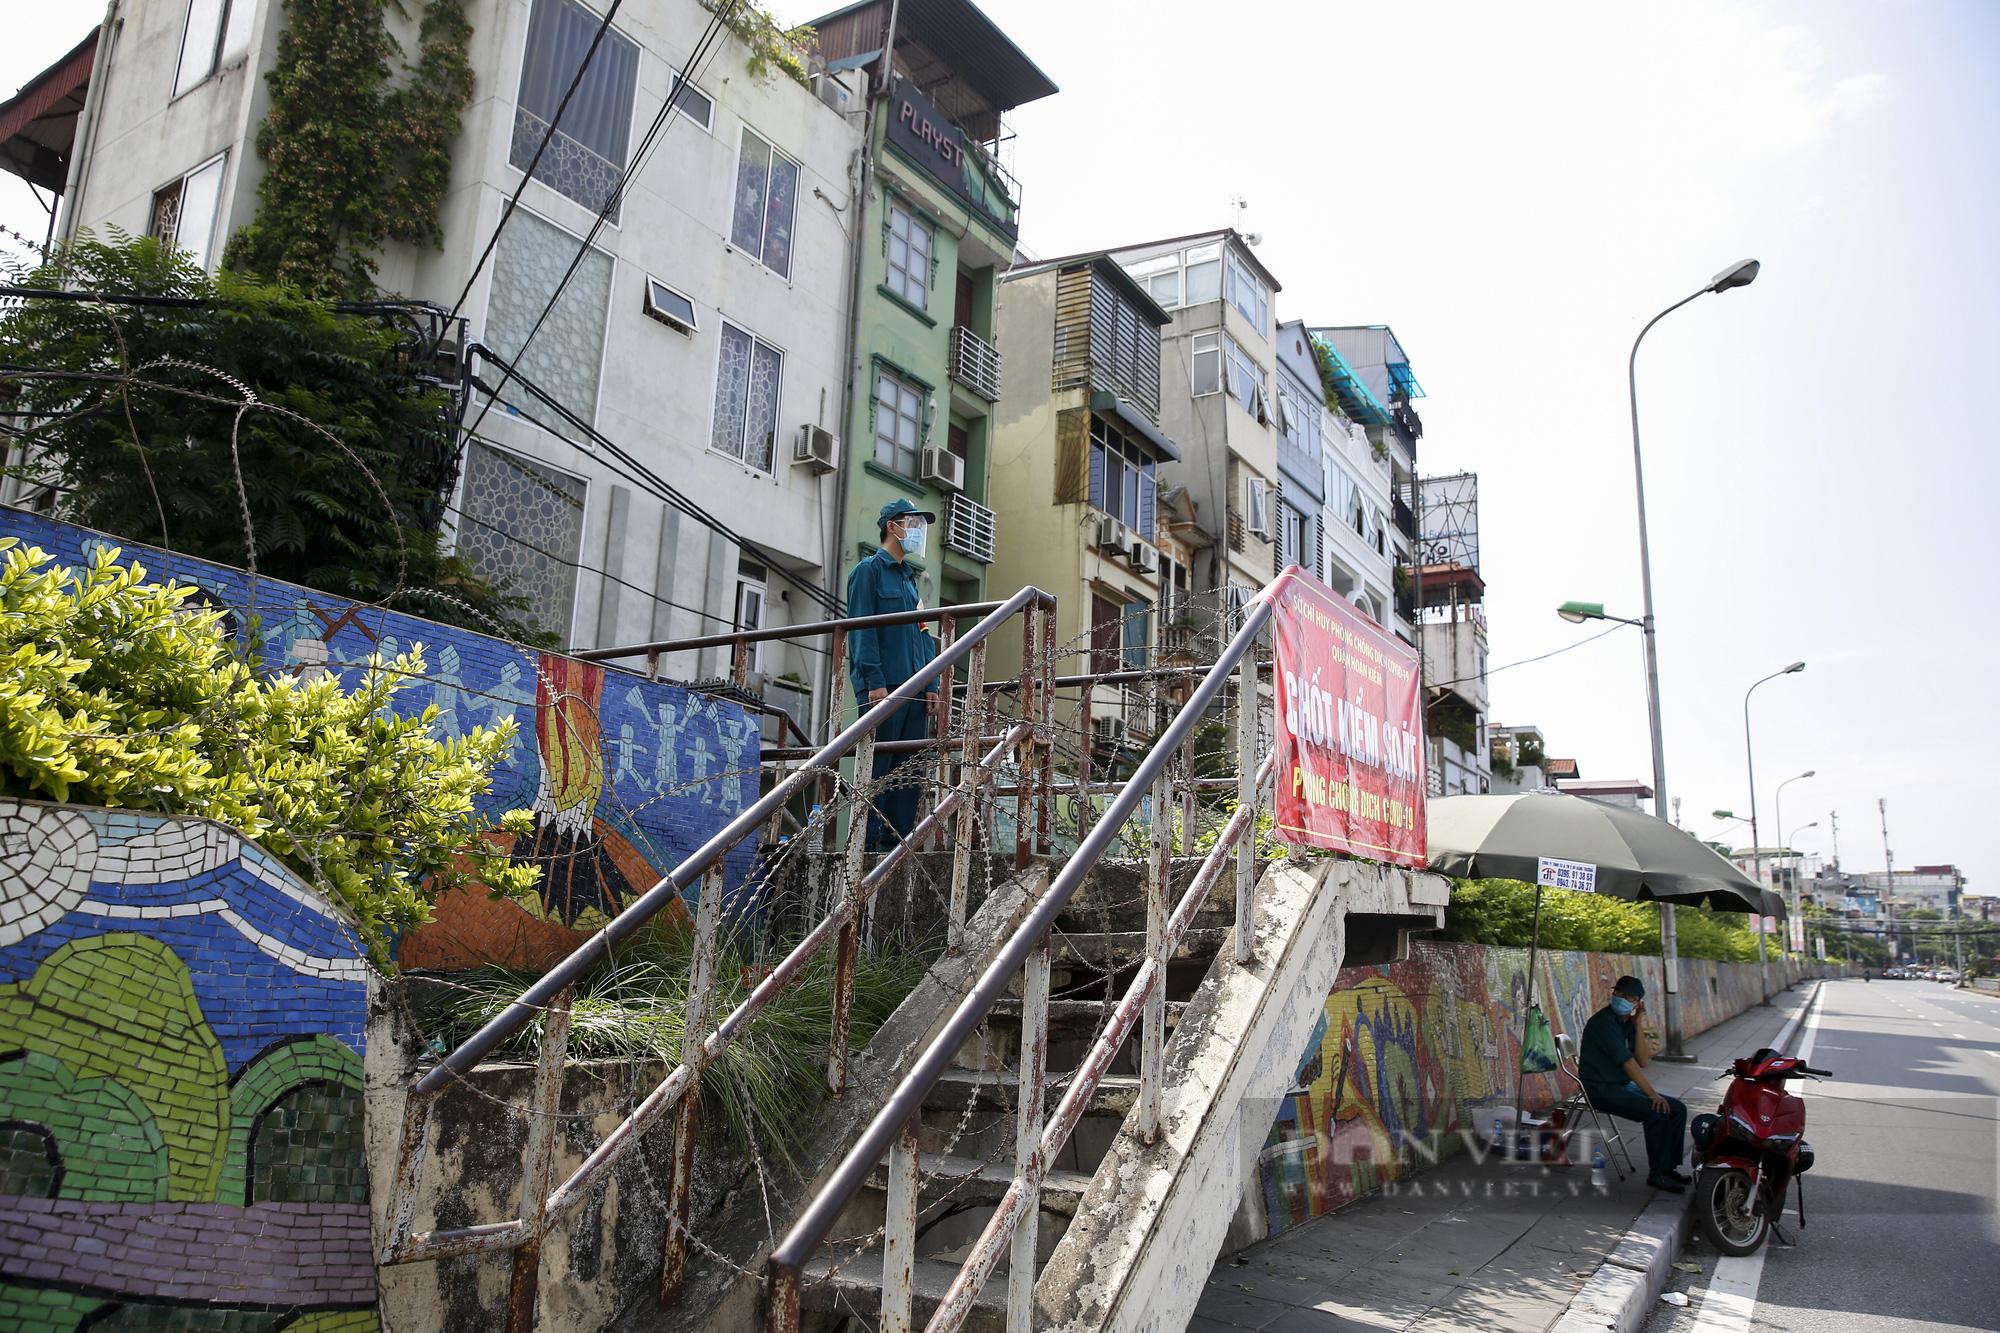 Hà Nội: Lập hàng rào dây thép gai tại khu vực phong tỏa để ngăn người vi phạm Chỉ thị cách ly - Ảnh 6.